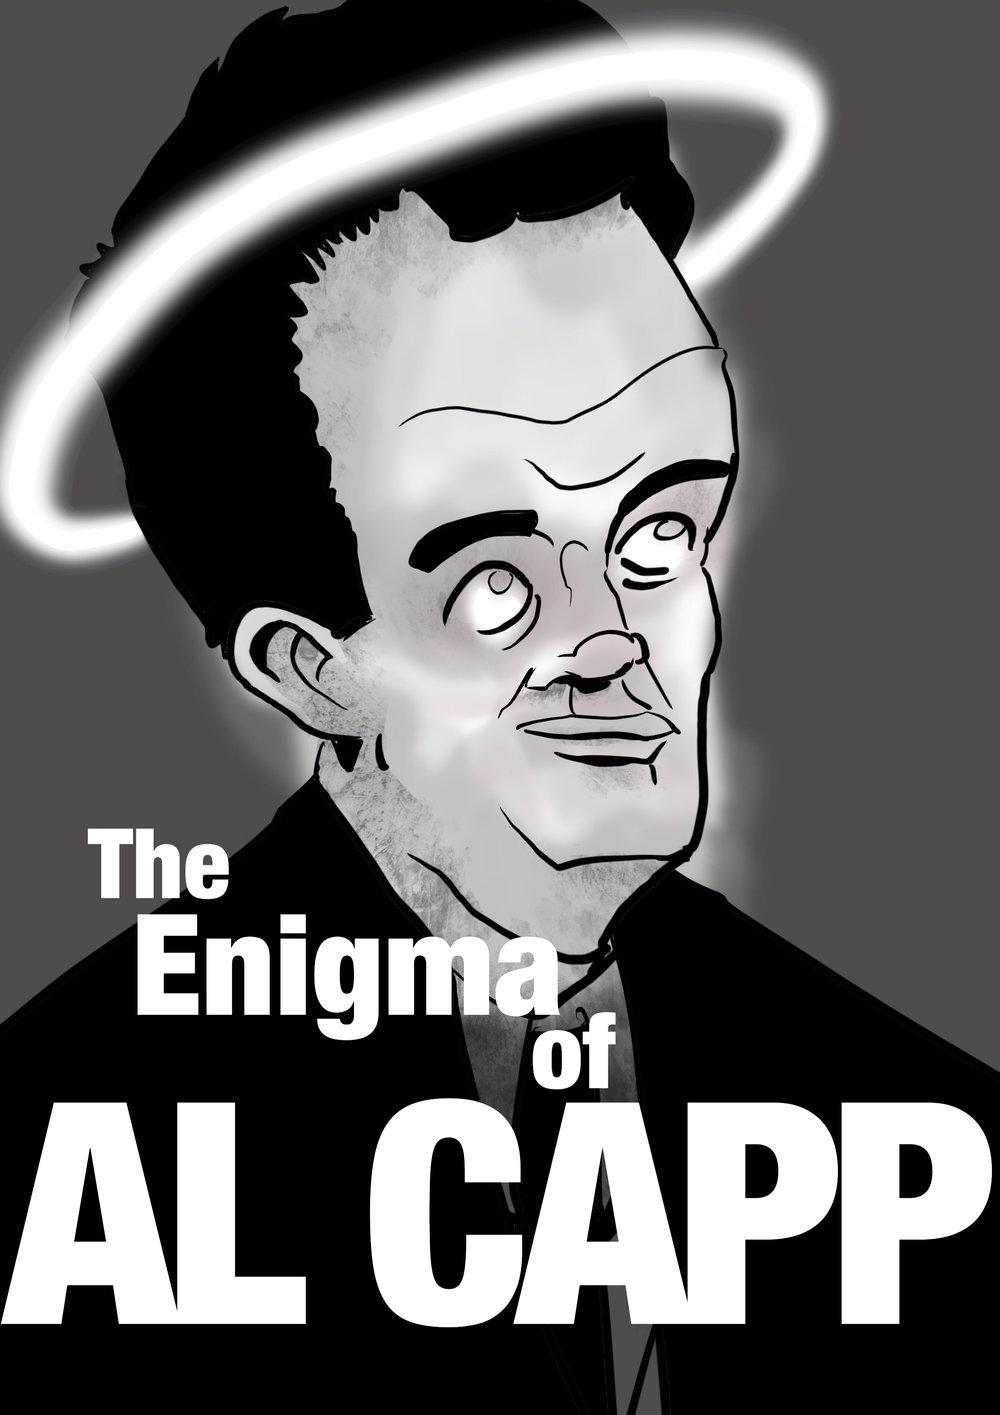 Above: Al Capp by MagiciansHouse